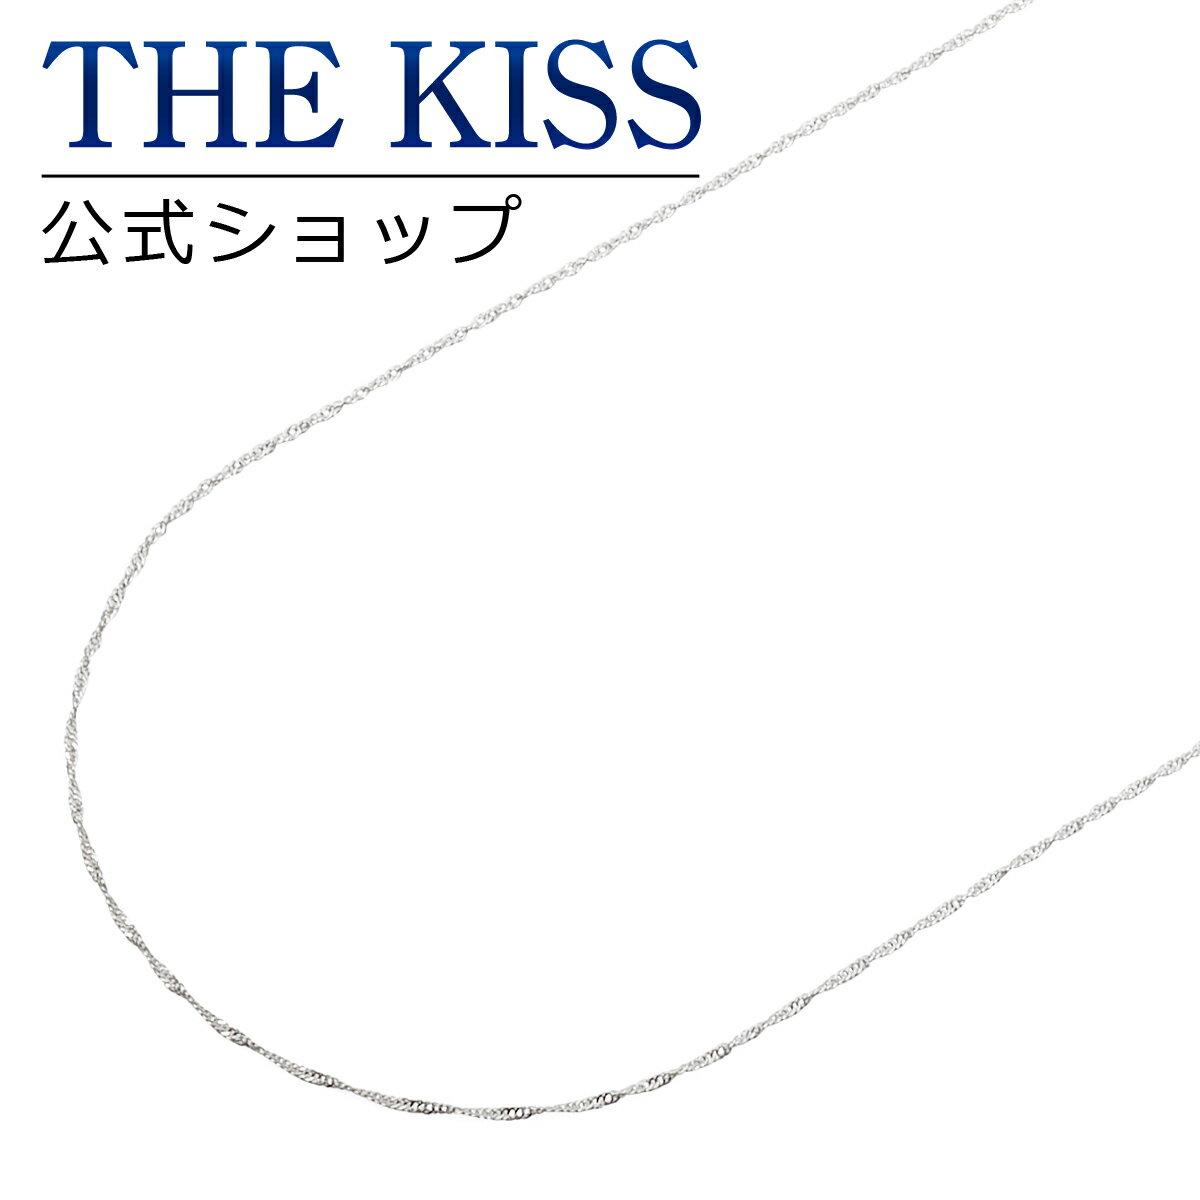 【あす楽対応】 【送料無料】【THE KISS sweets】K10ホワイトゴールド チェーン 45cm☆